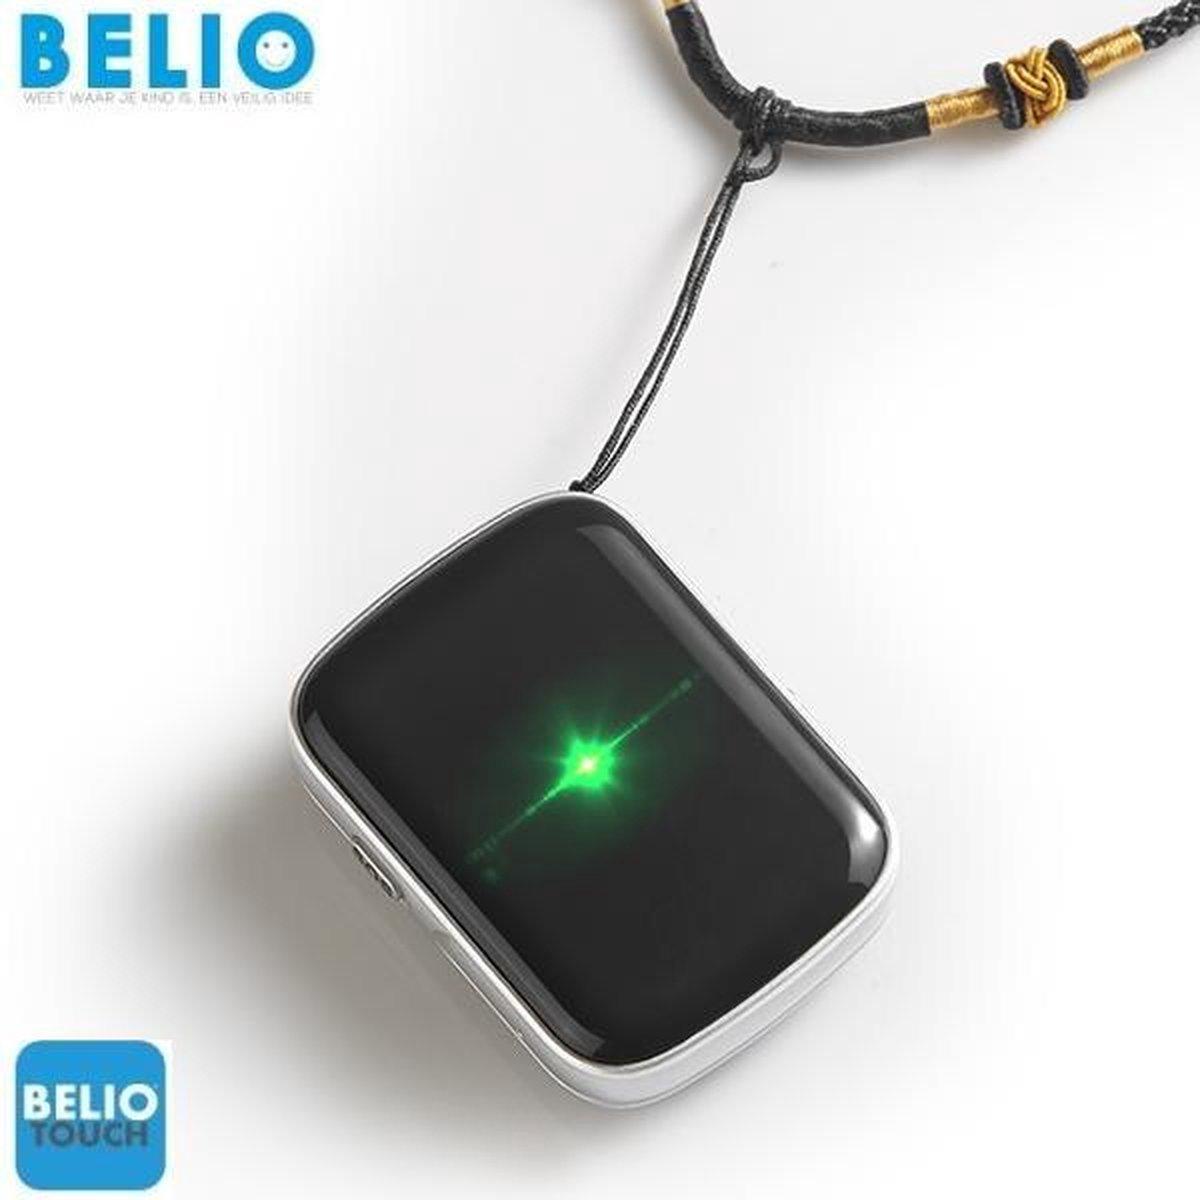 BELIO© GPS TRACKER POCKET - KIND - BOOT - AUTO - VOERTUIG - MET SOS KNOP